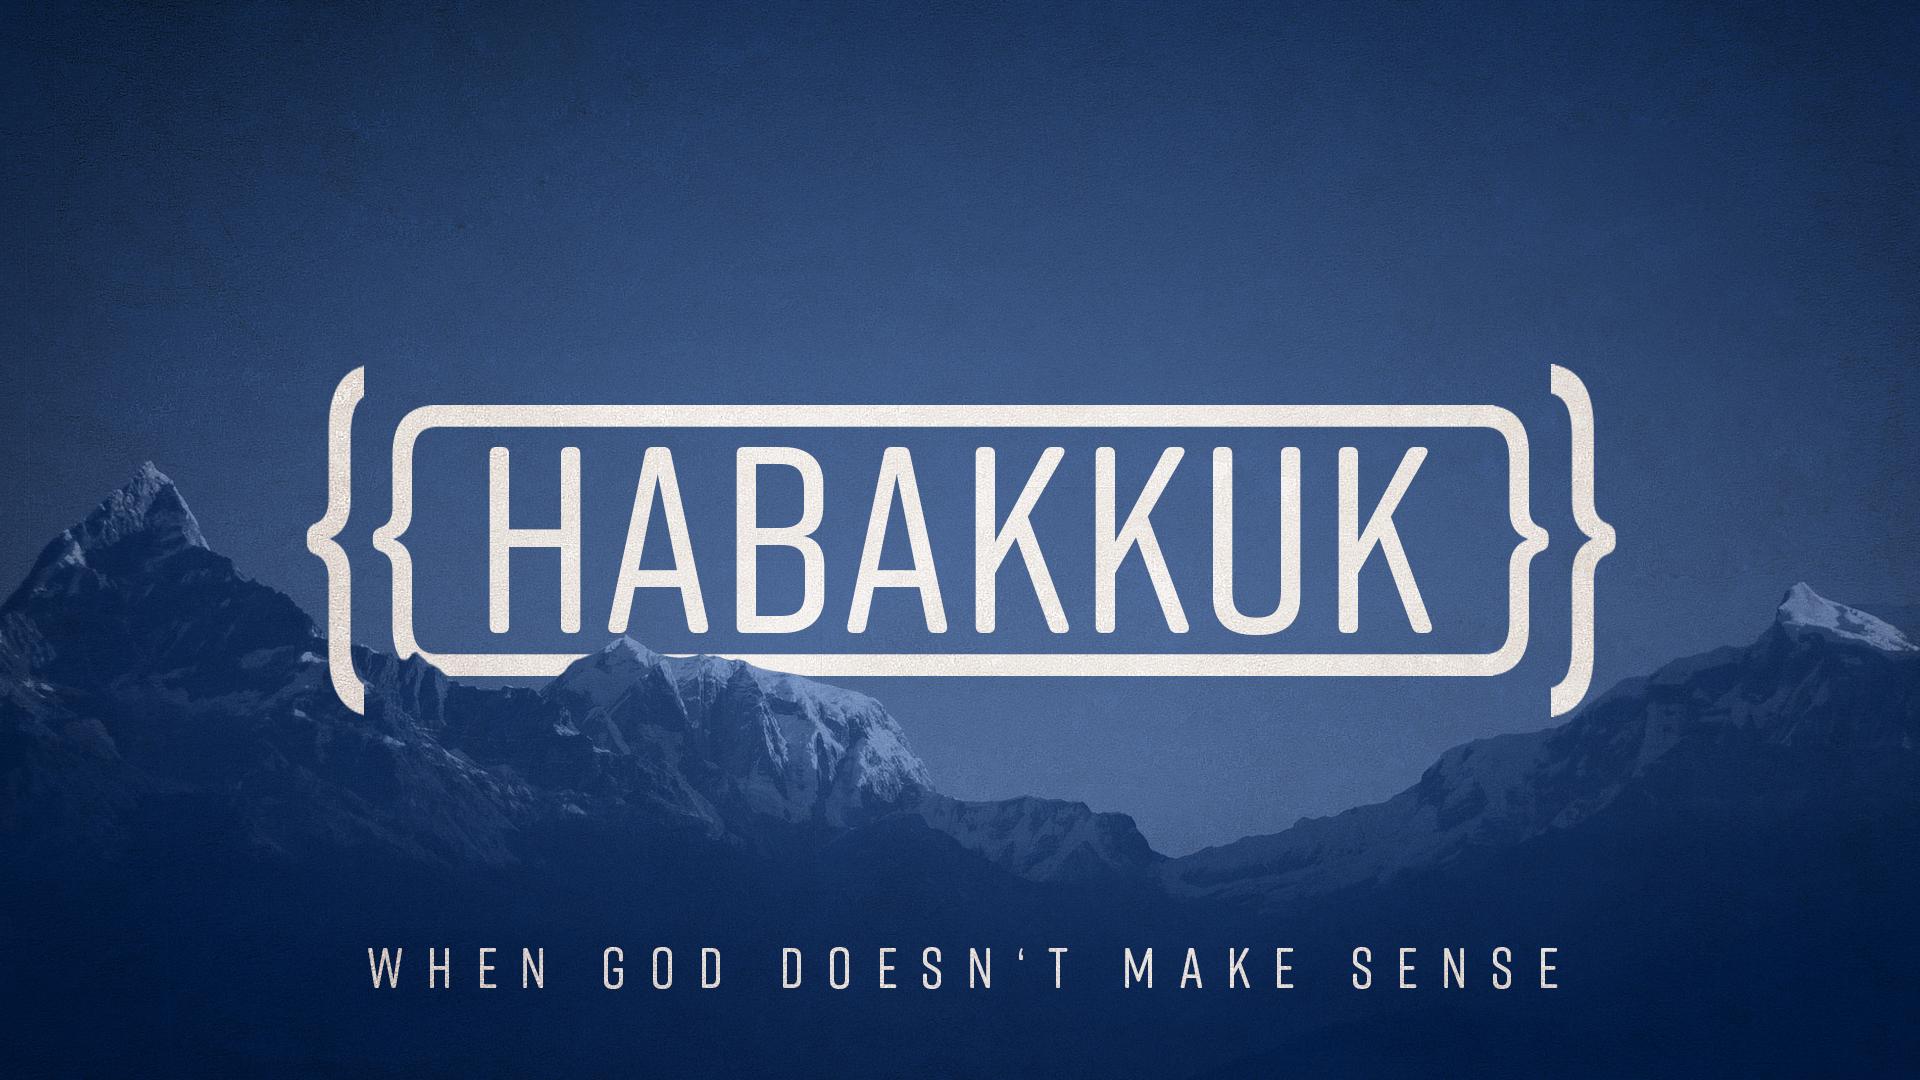 Habakkuk Title Slide.jpg